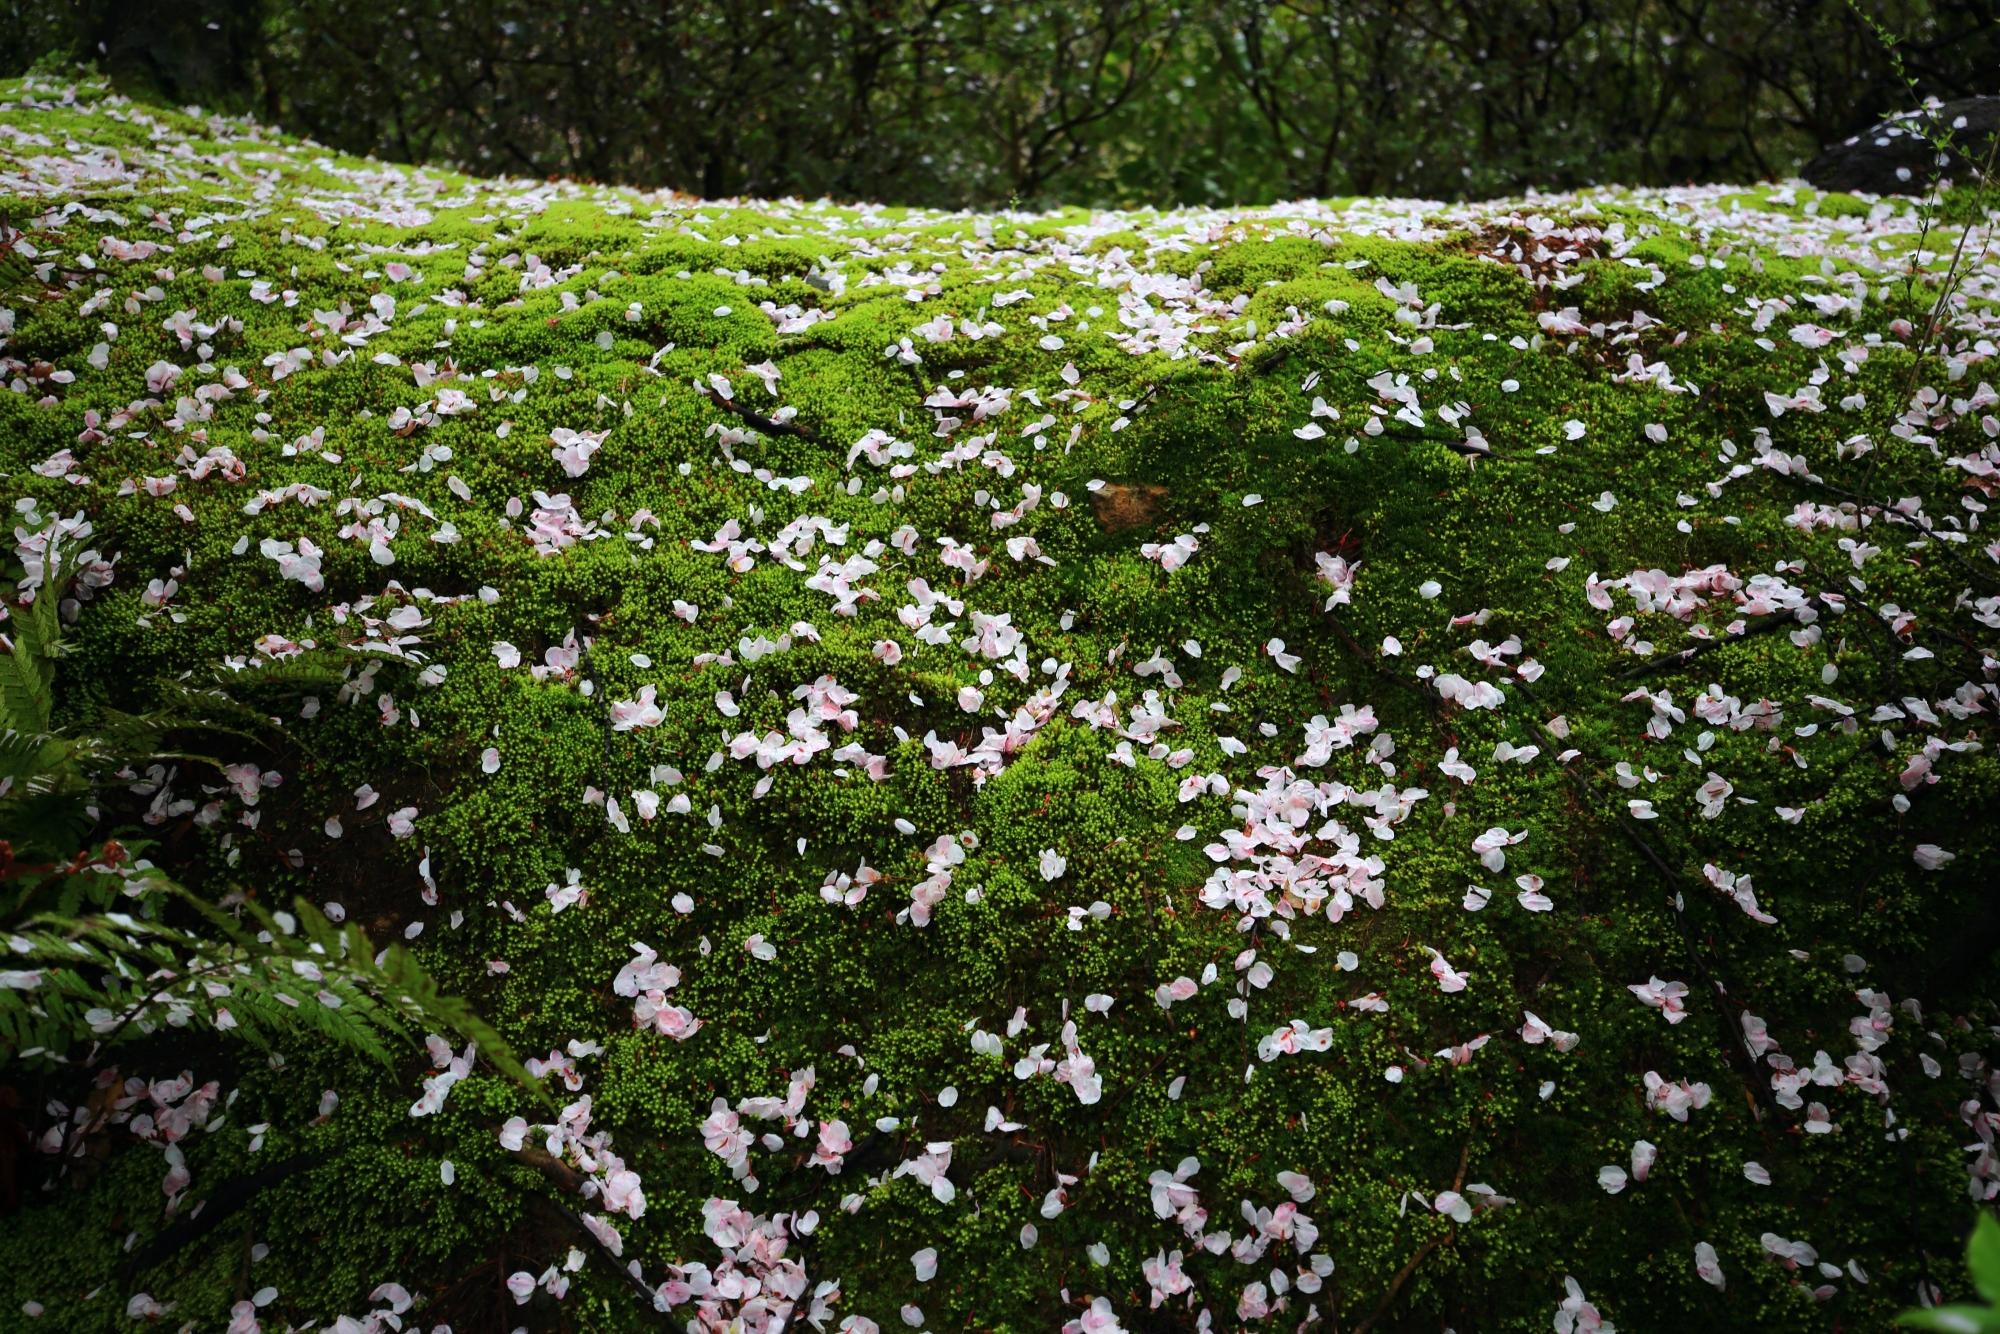 緑の苔に散った華やかな桜の花びら